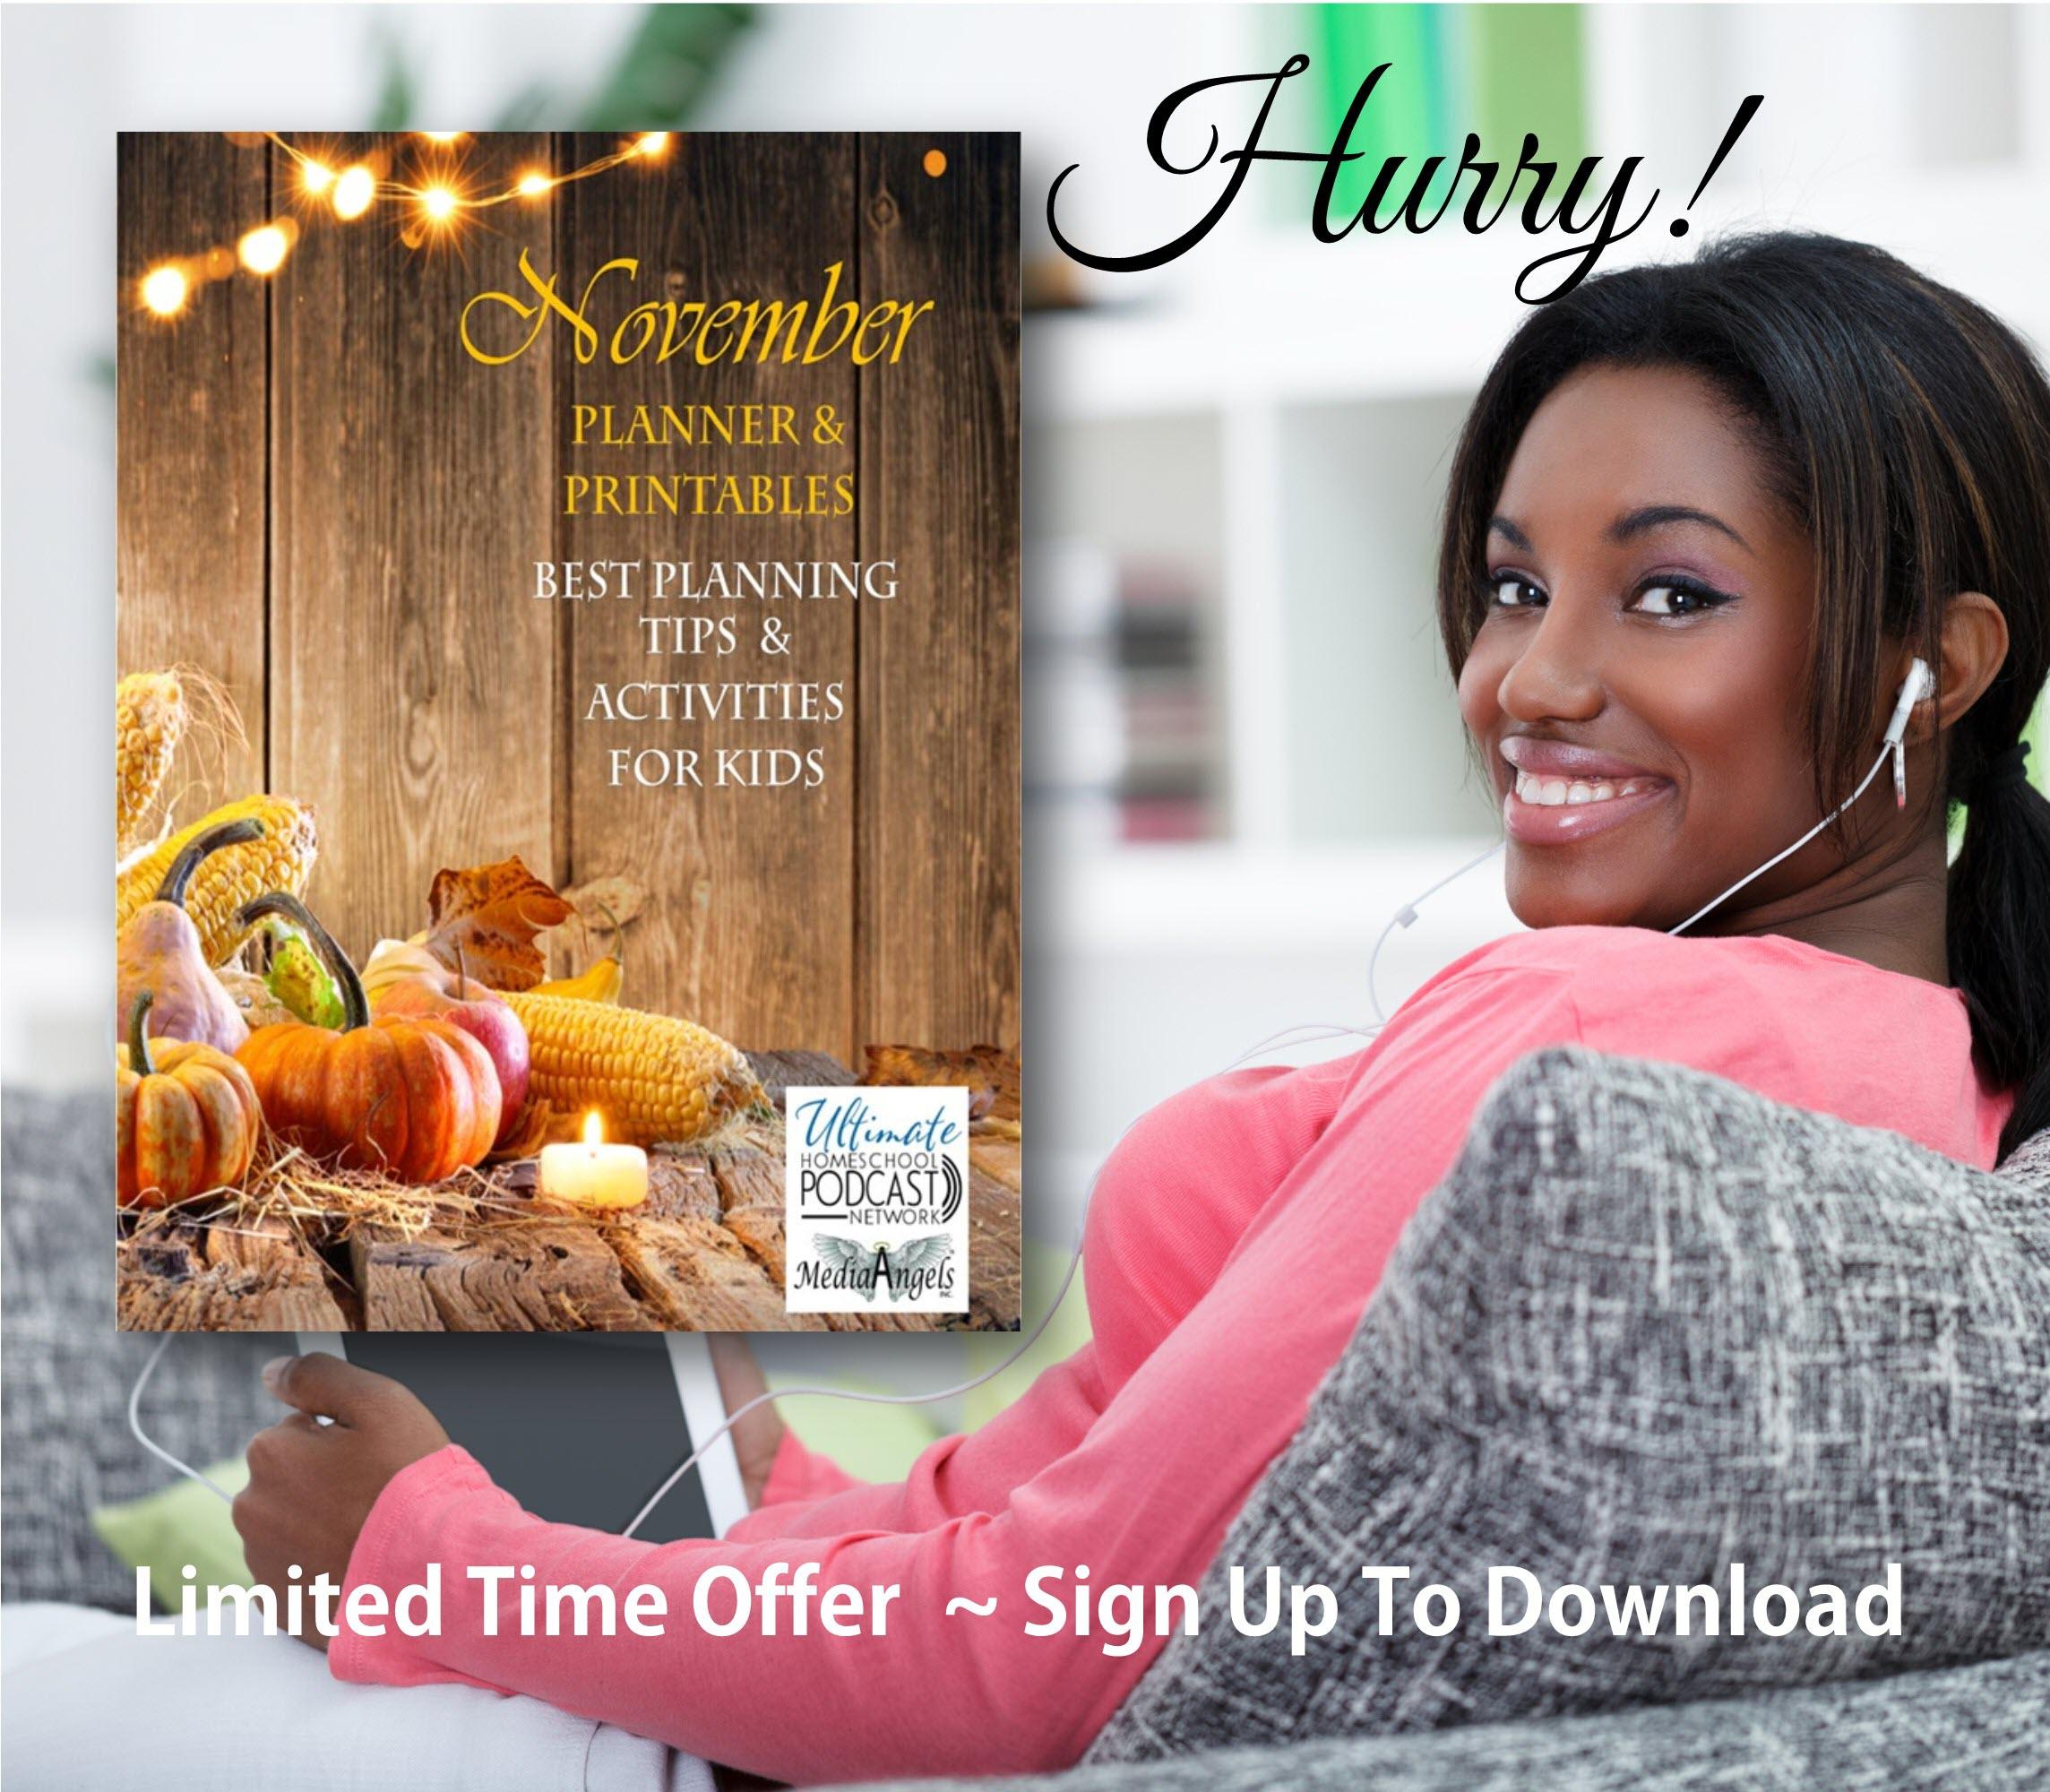 November Planner & Printables | #freebie #UHPN #Freebie